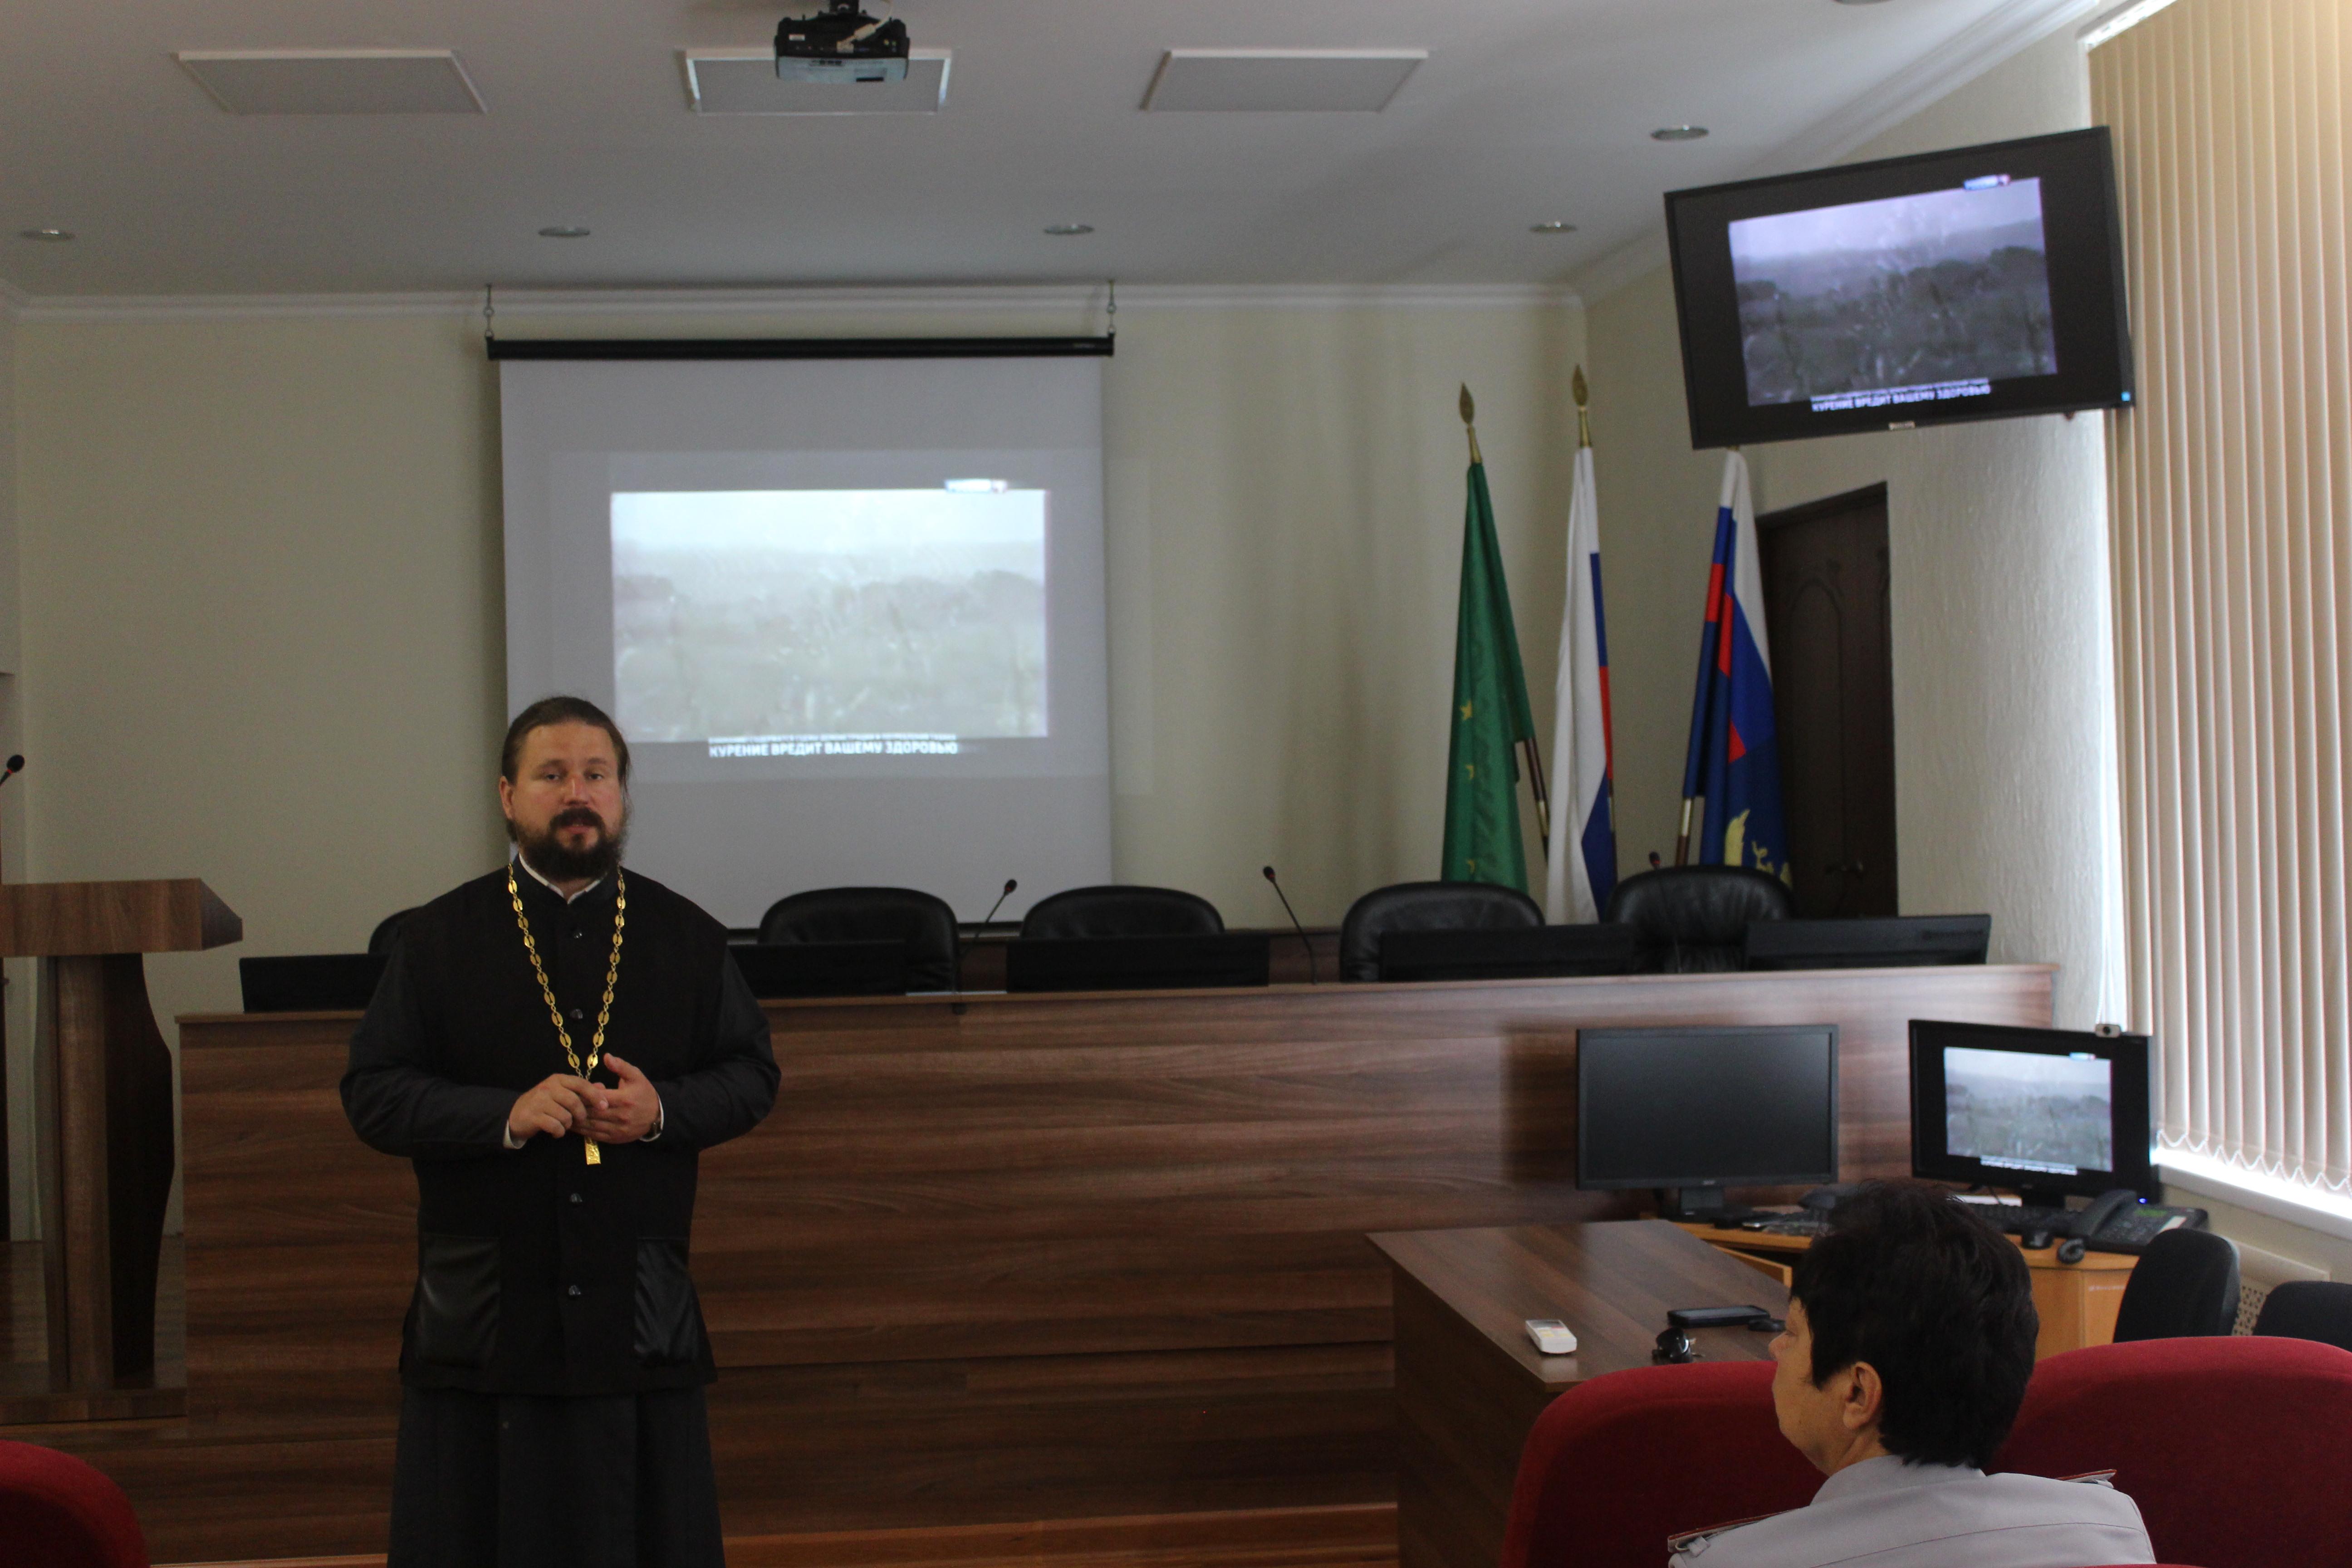 В преддверии Дня Крещения Руси иеромонах Евсевий провел занятие для сотрудников УФСИН России по Республике Адыгея